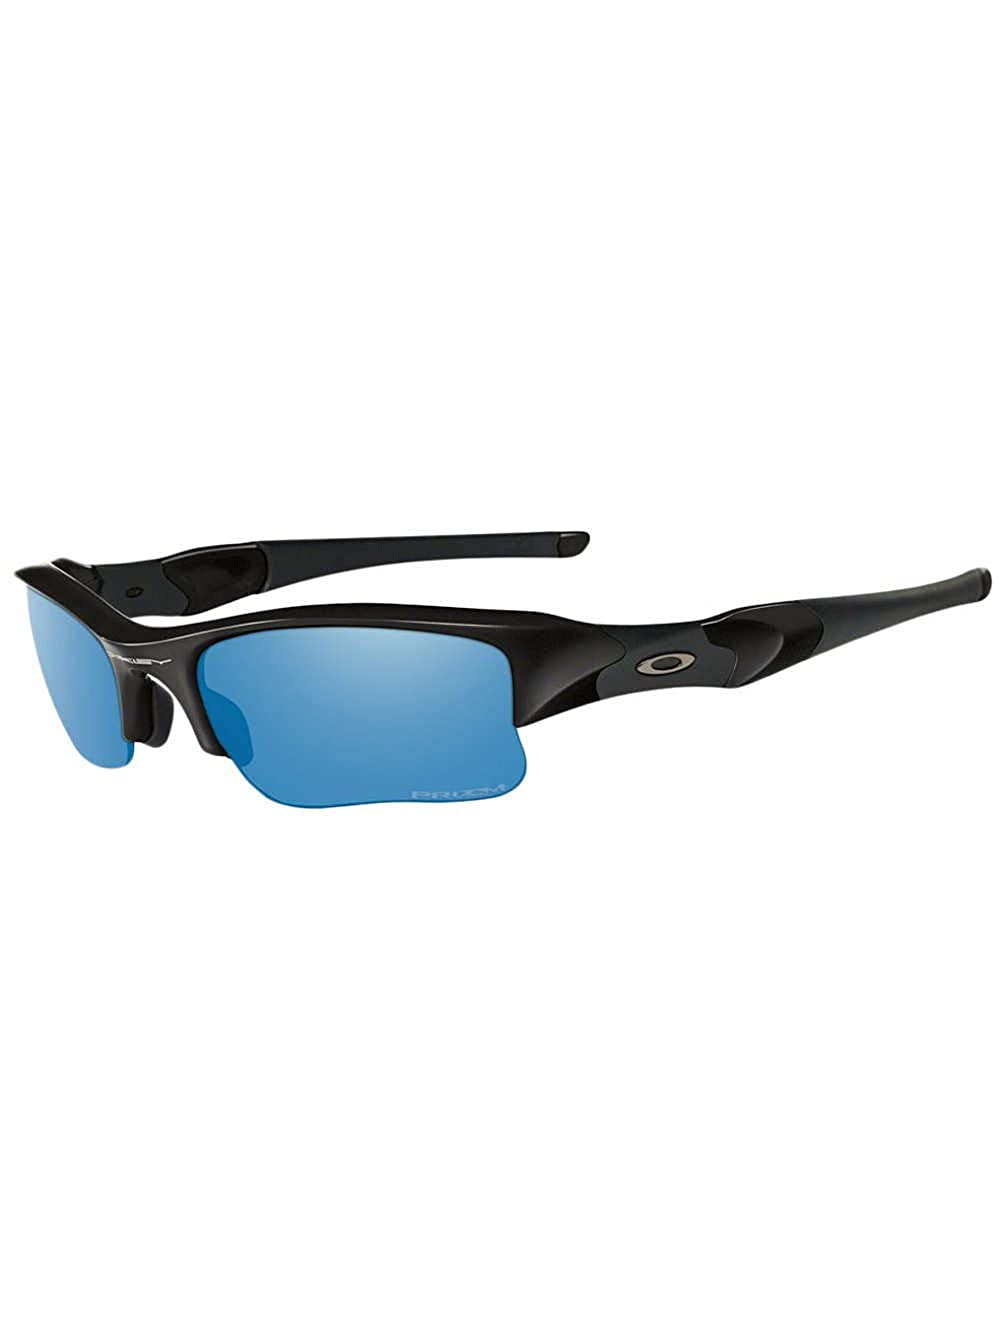 a58e0c50c06 Amazon.com  Oakley Men s Flak Jacket Xlj Polarized Rectangular ...